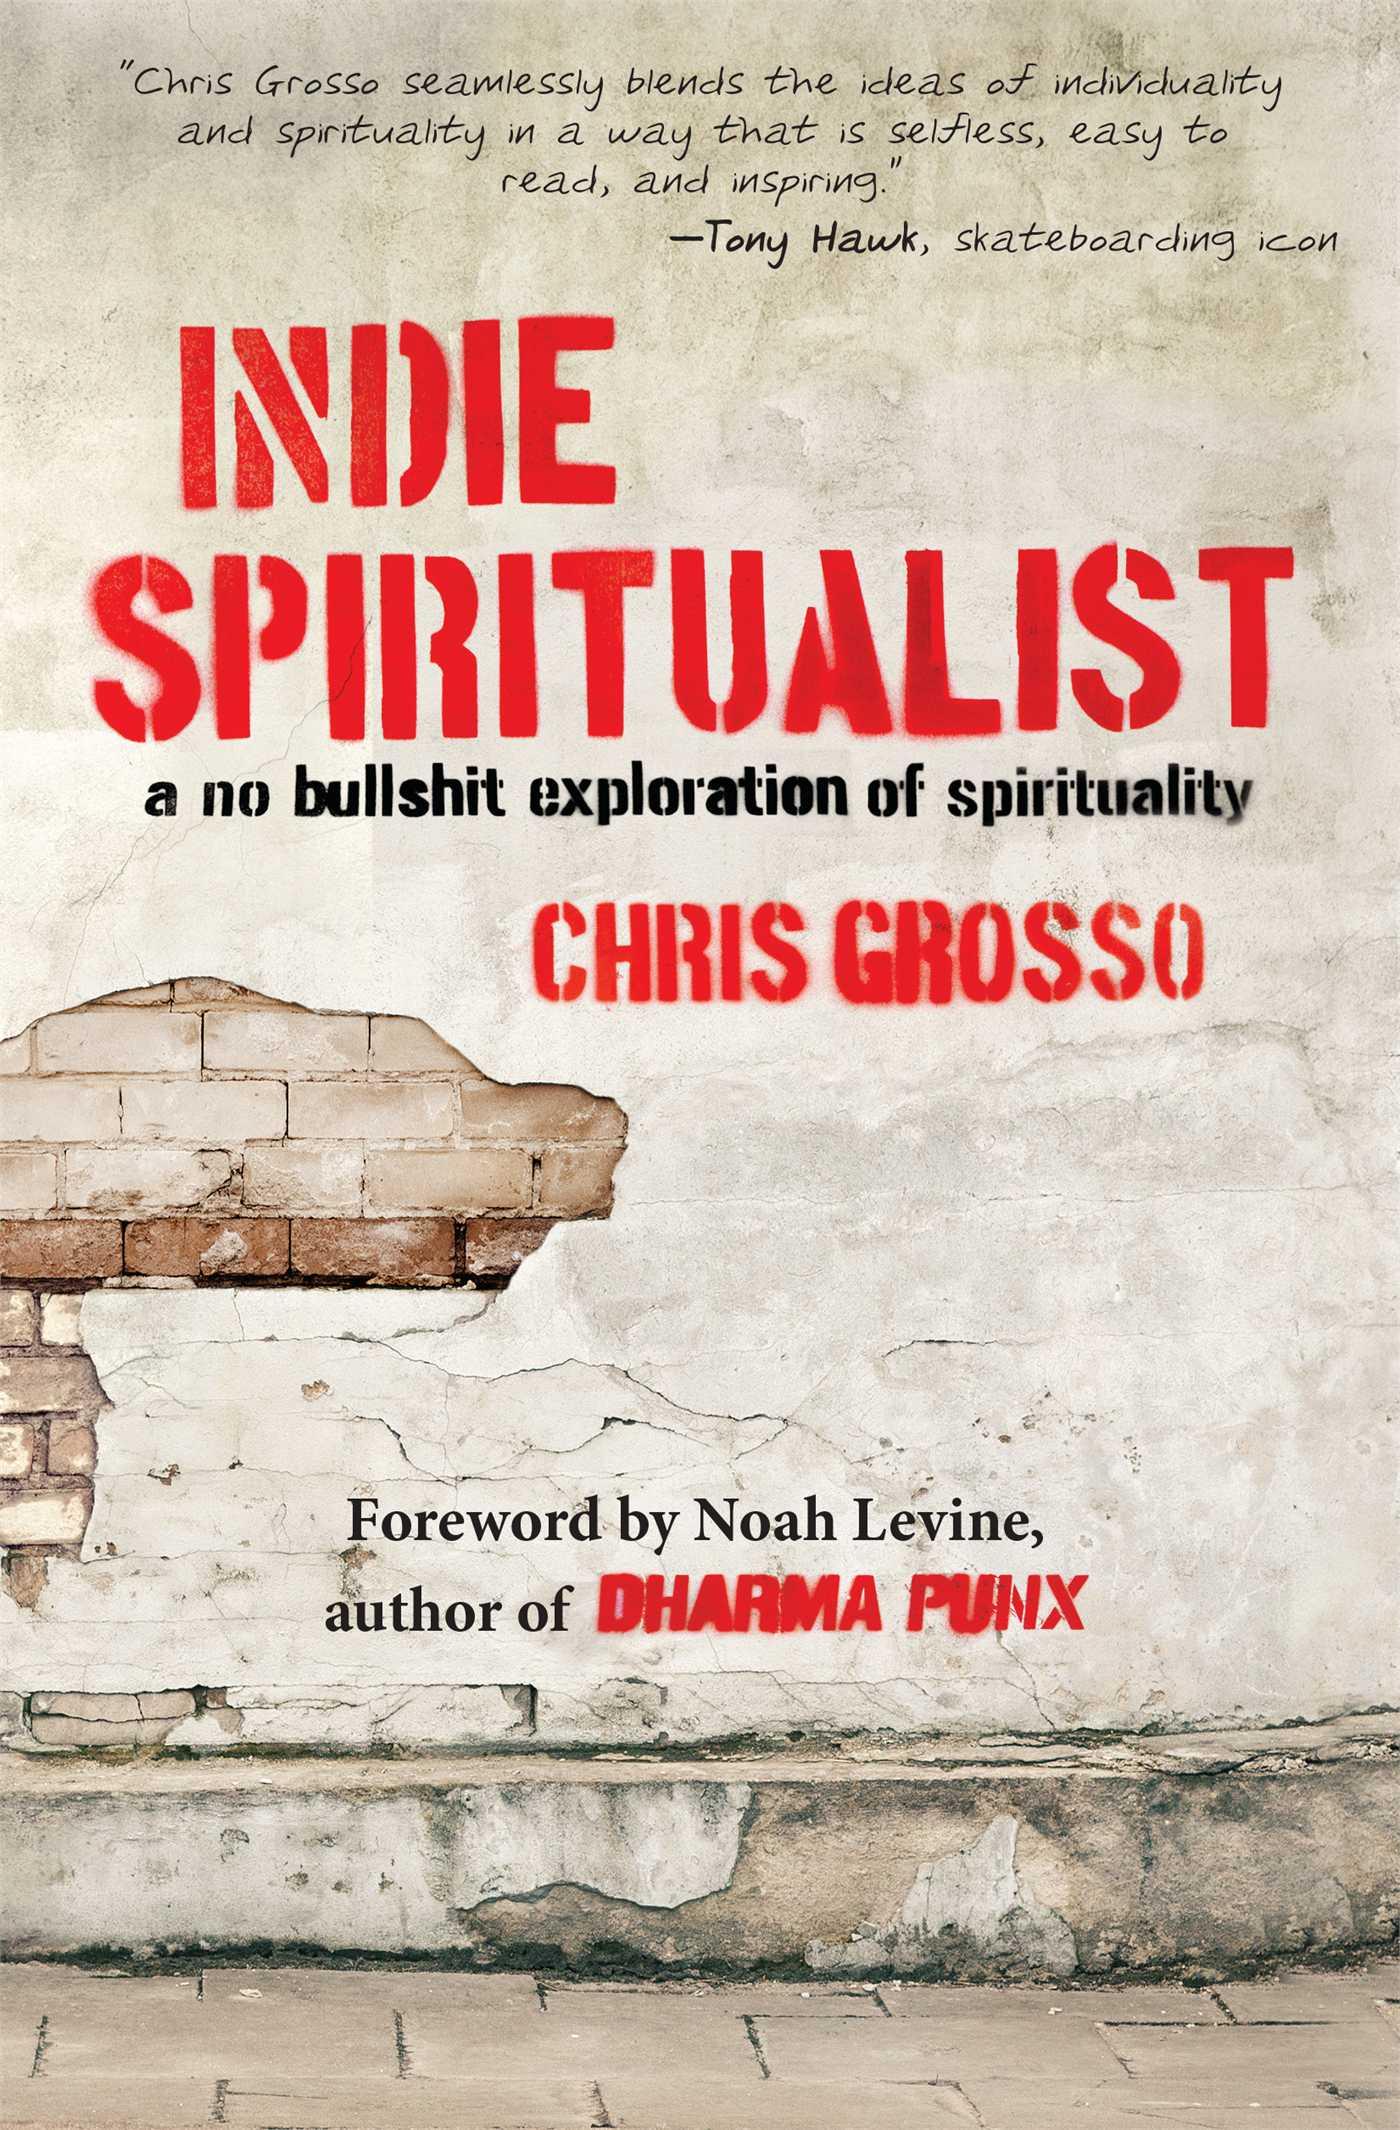 Indie spiritualist 9781582704623 hr